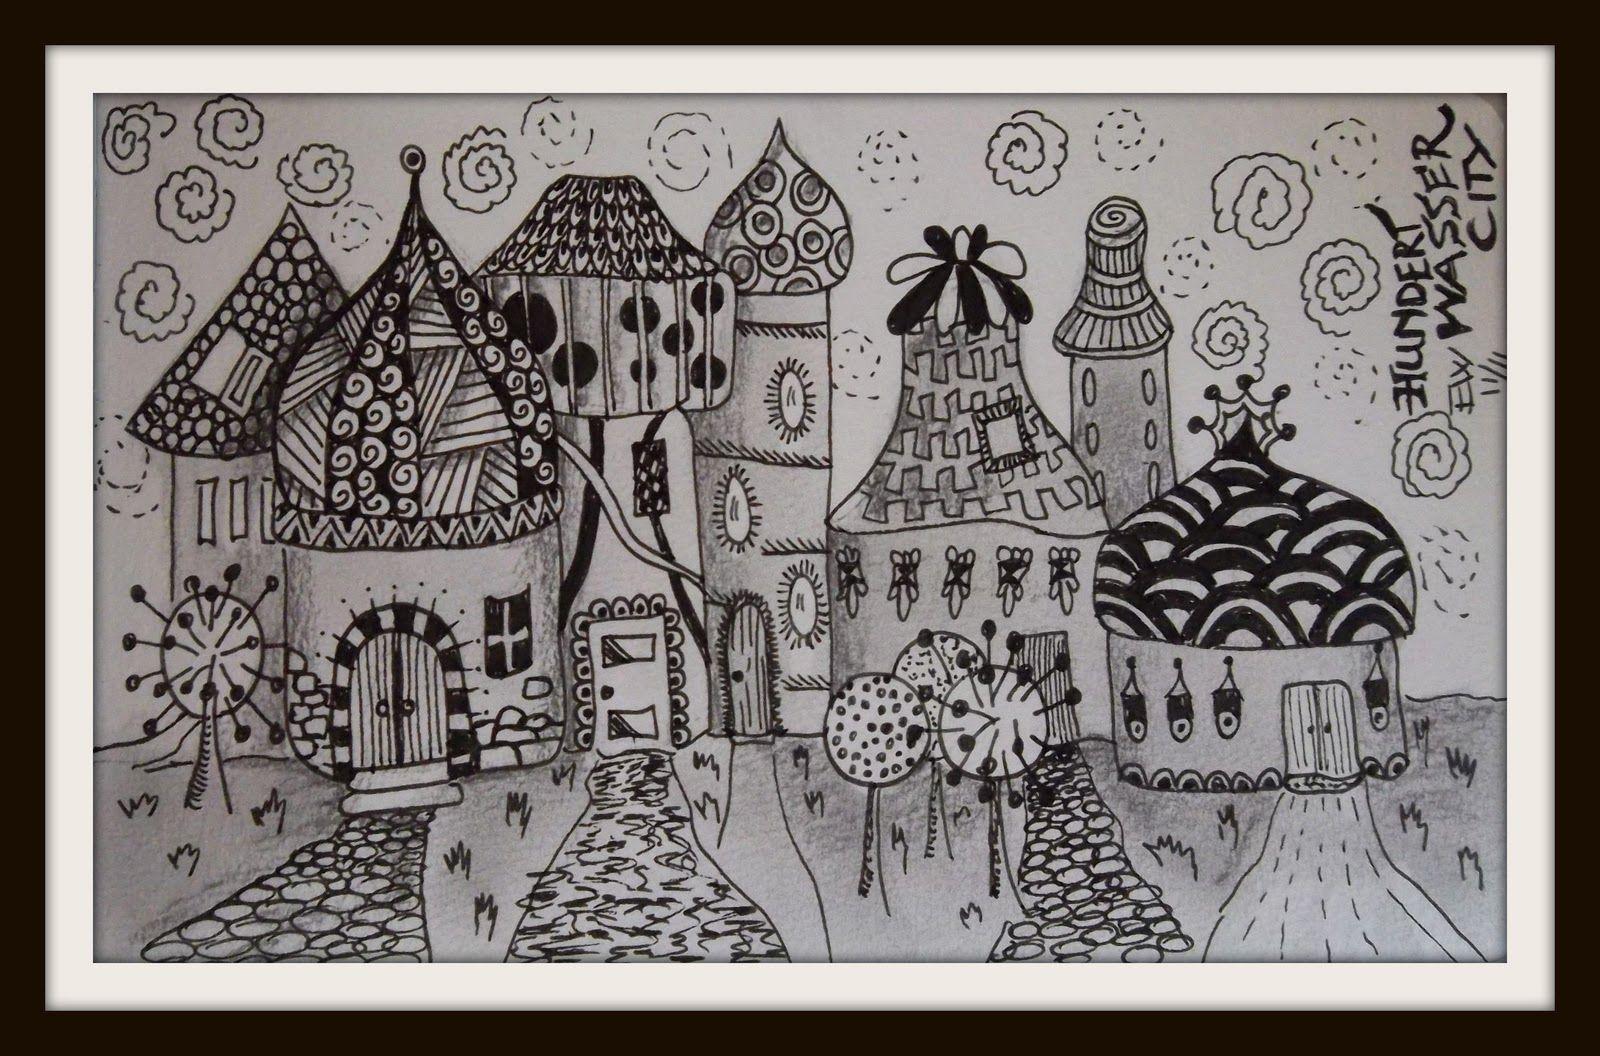 Tekenpraktijk De Innerlijke Wereld Hundertwasser City City Art Architectuur Tekenen